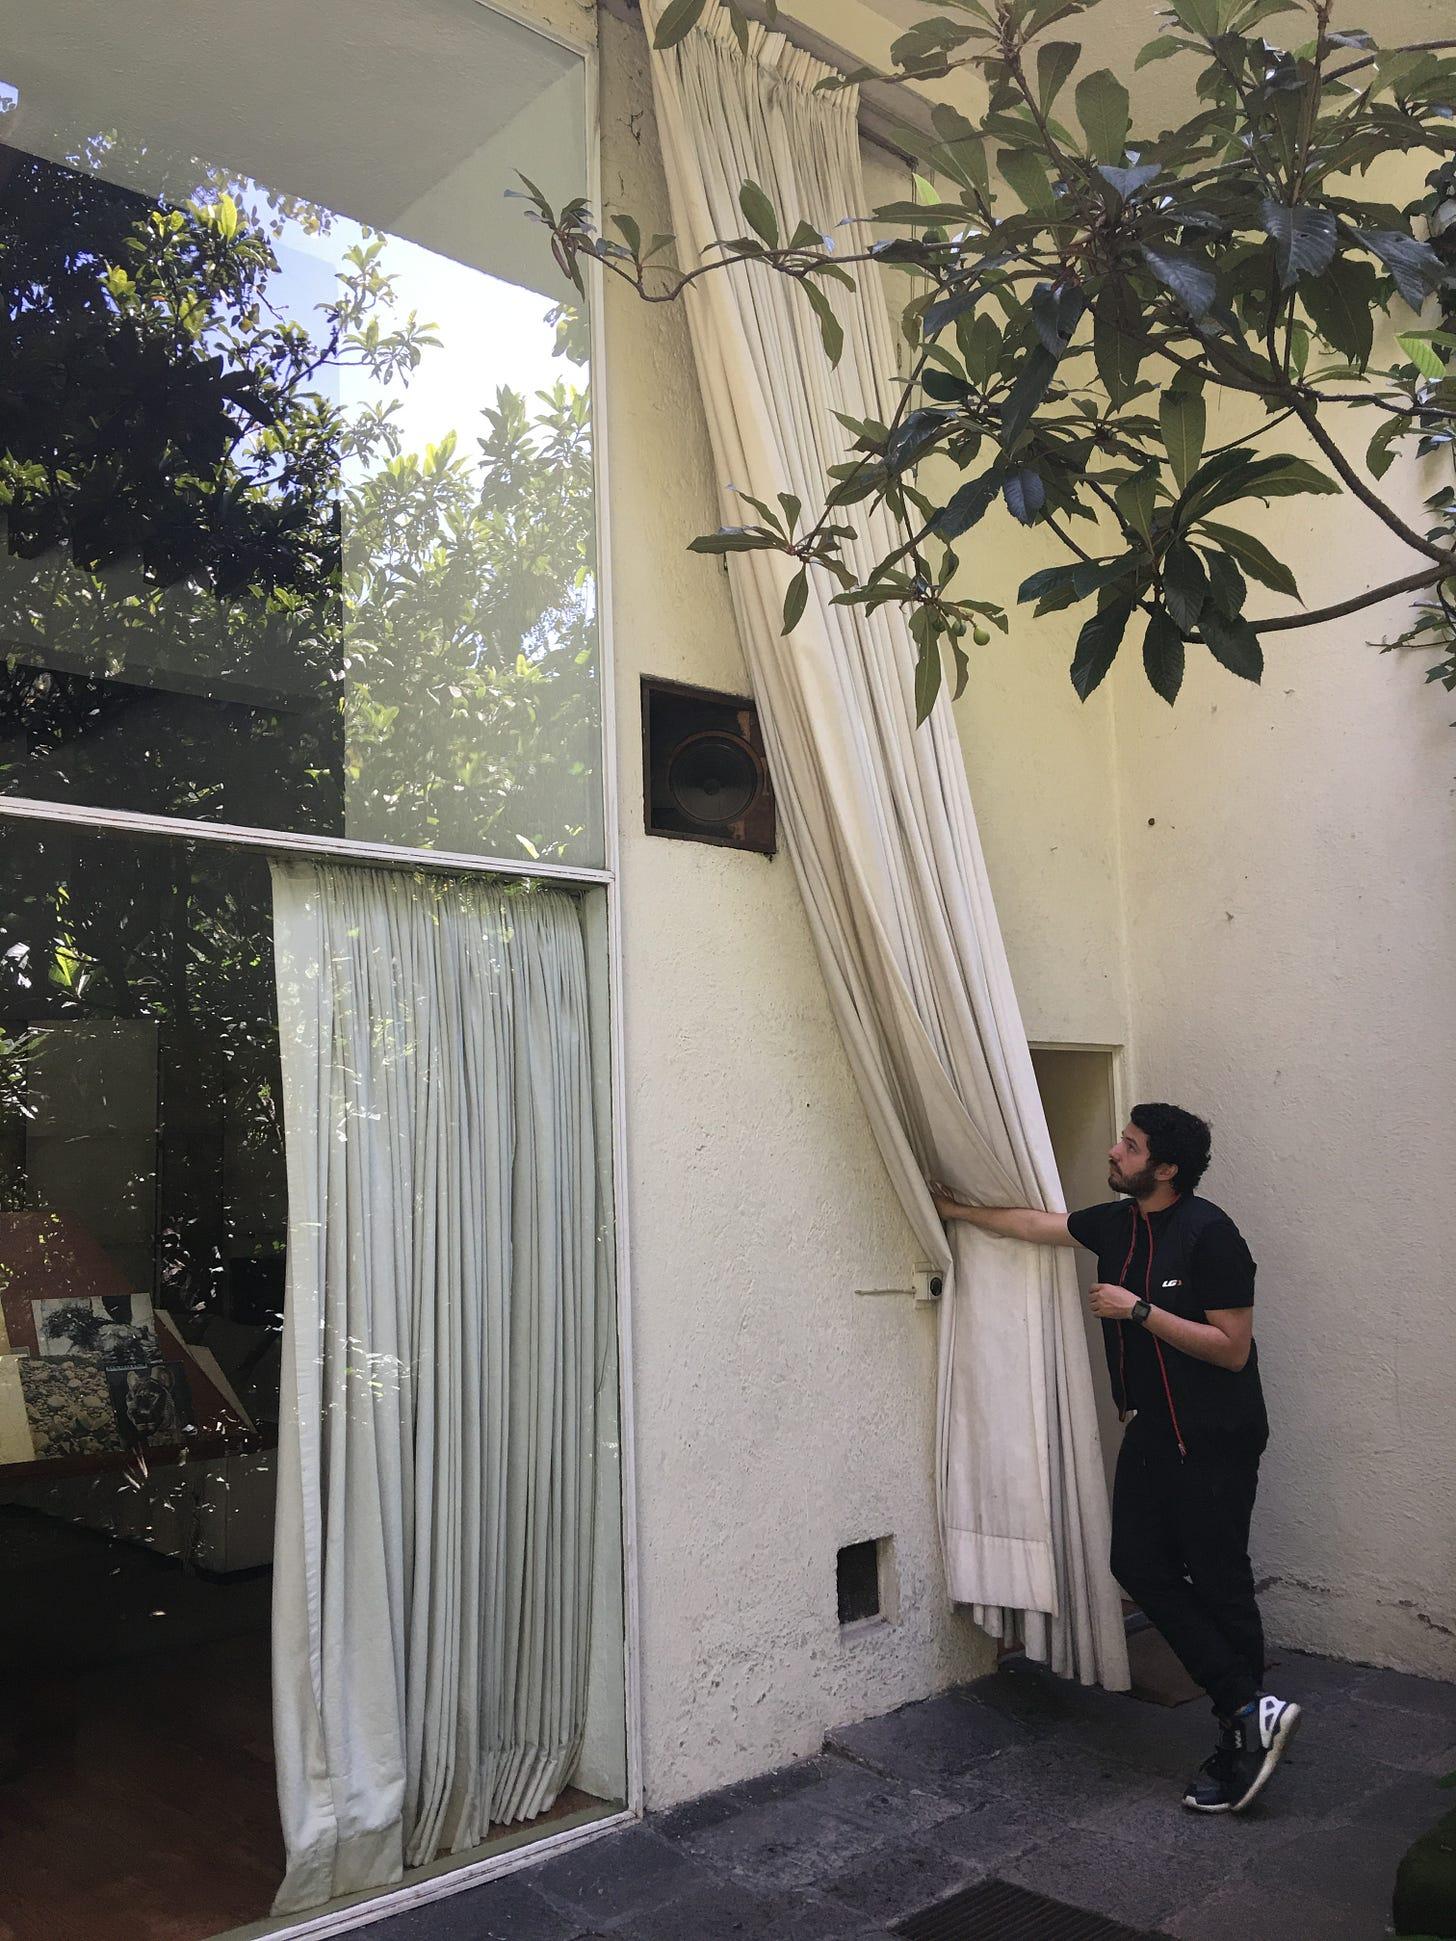 Luis Barragán's garden speaker